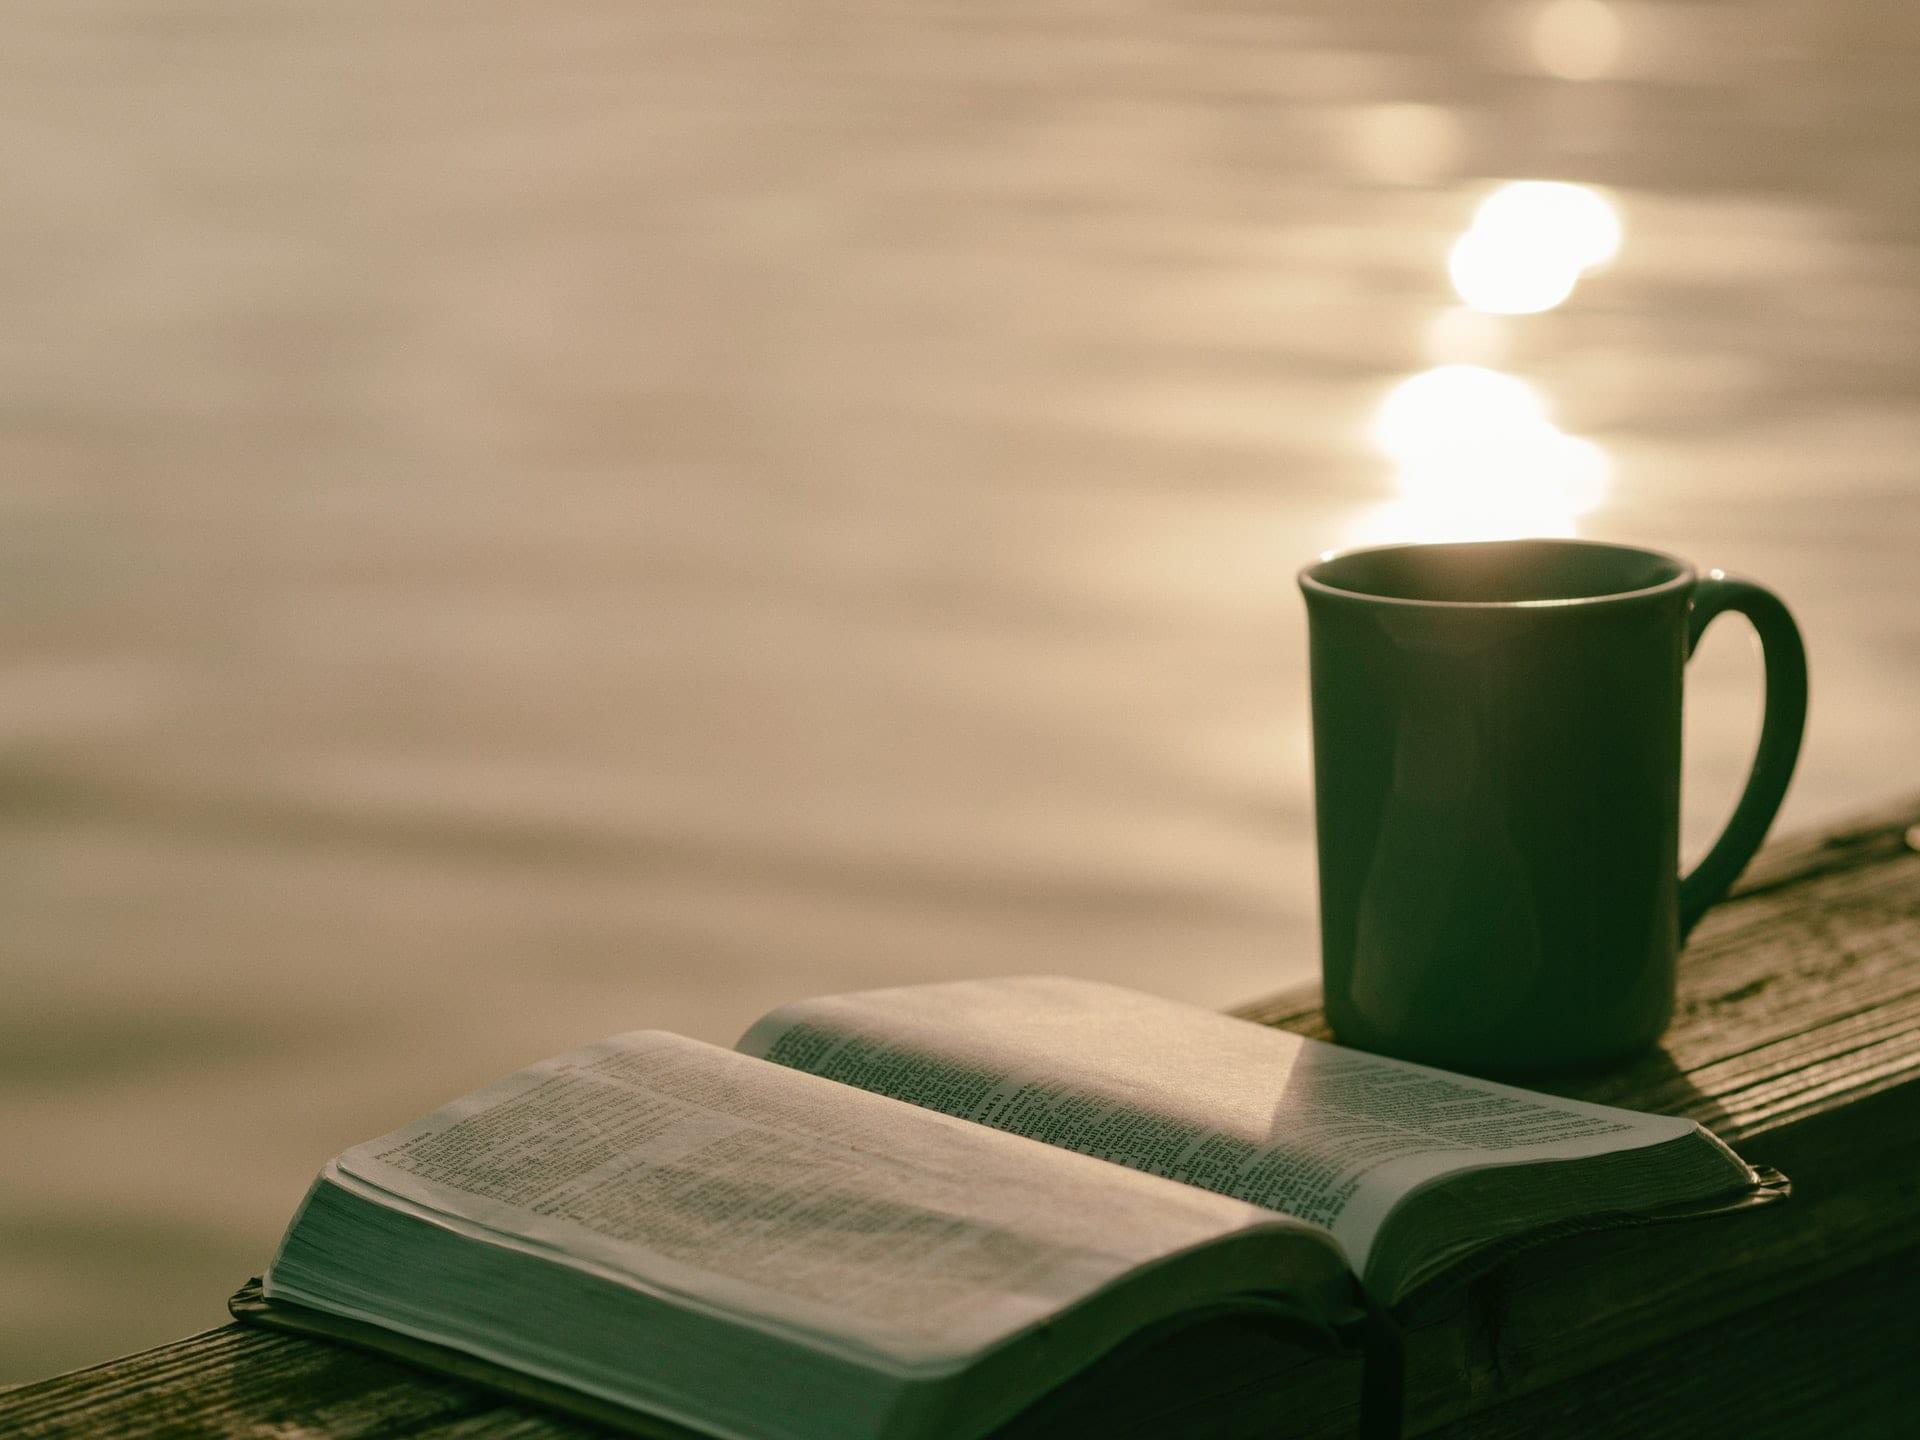 rotina-matinal-leitura